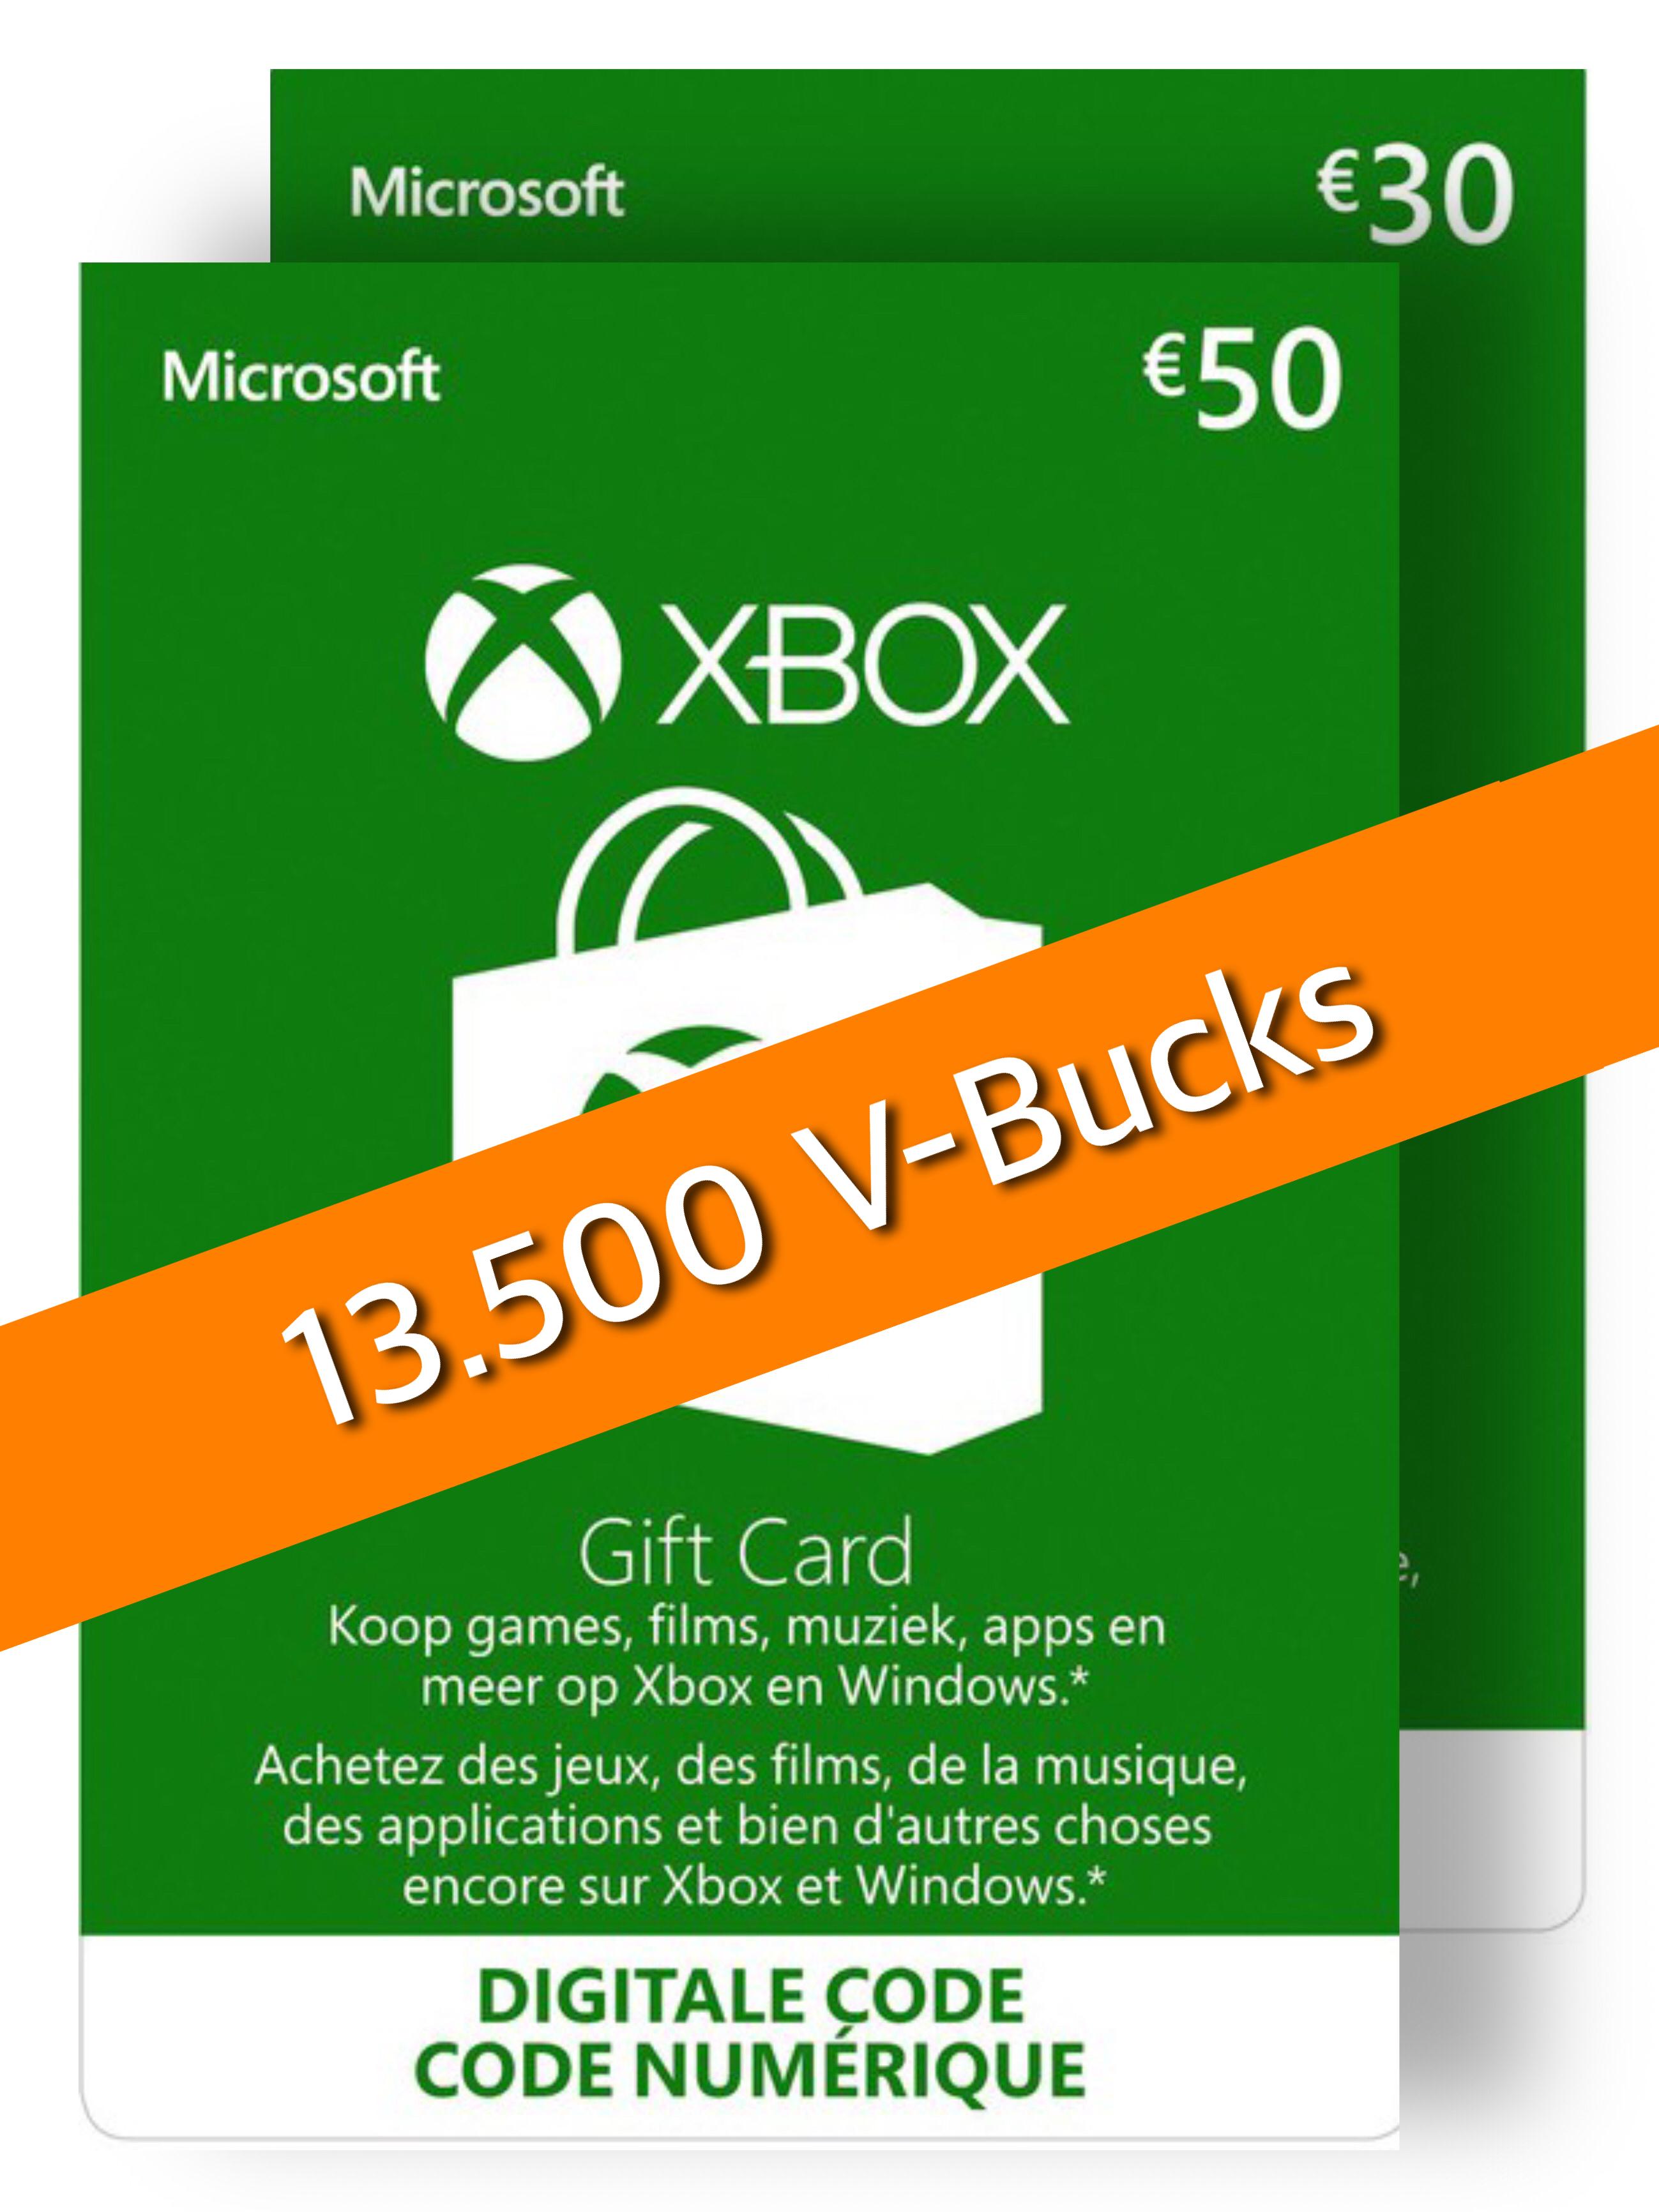 13500 Xbox Fortnite V-Bucks